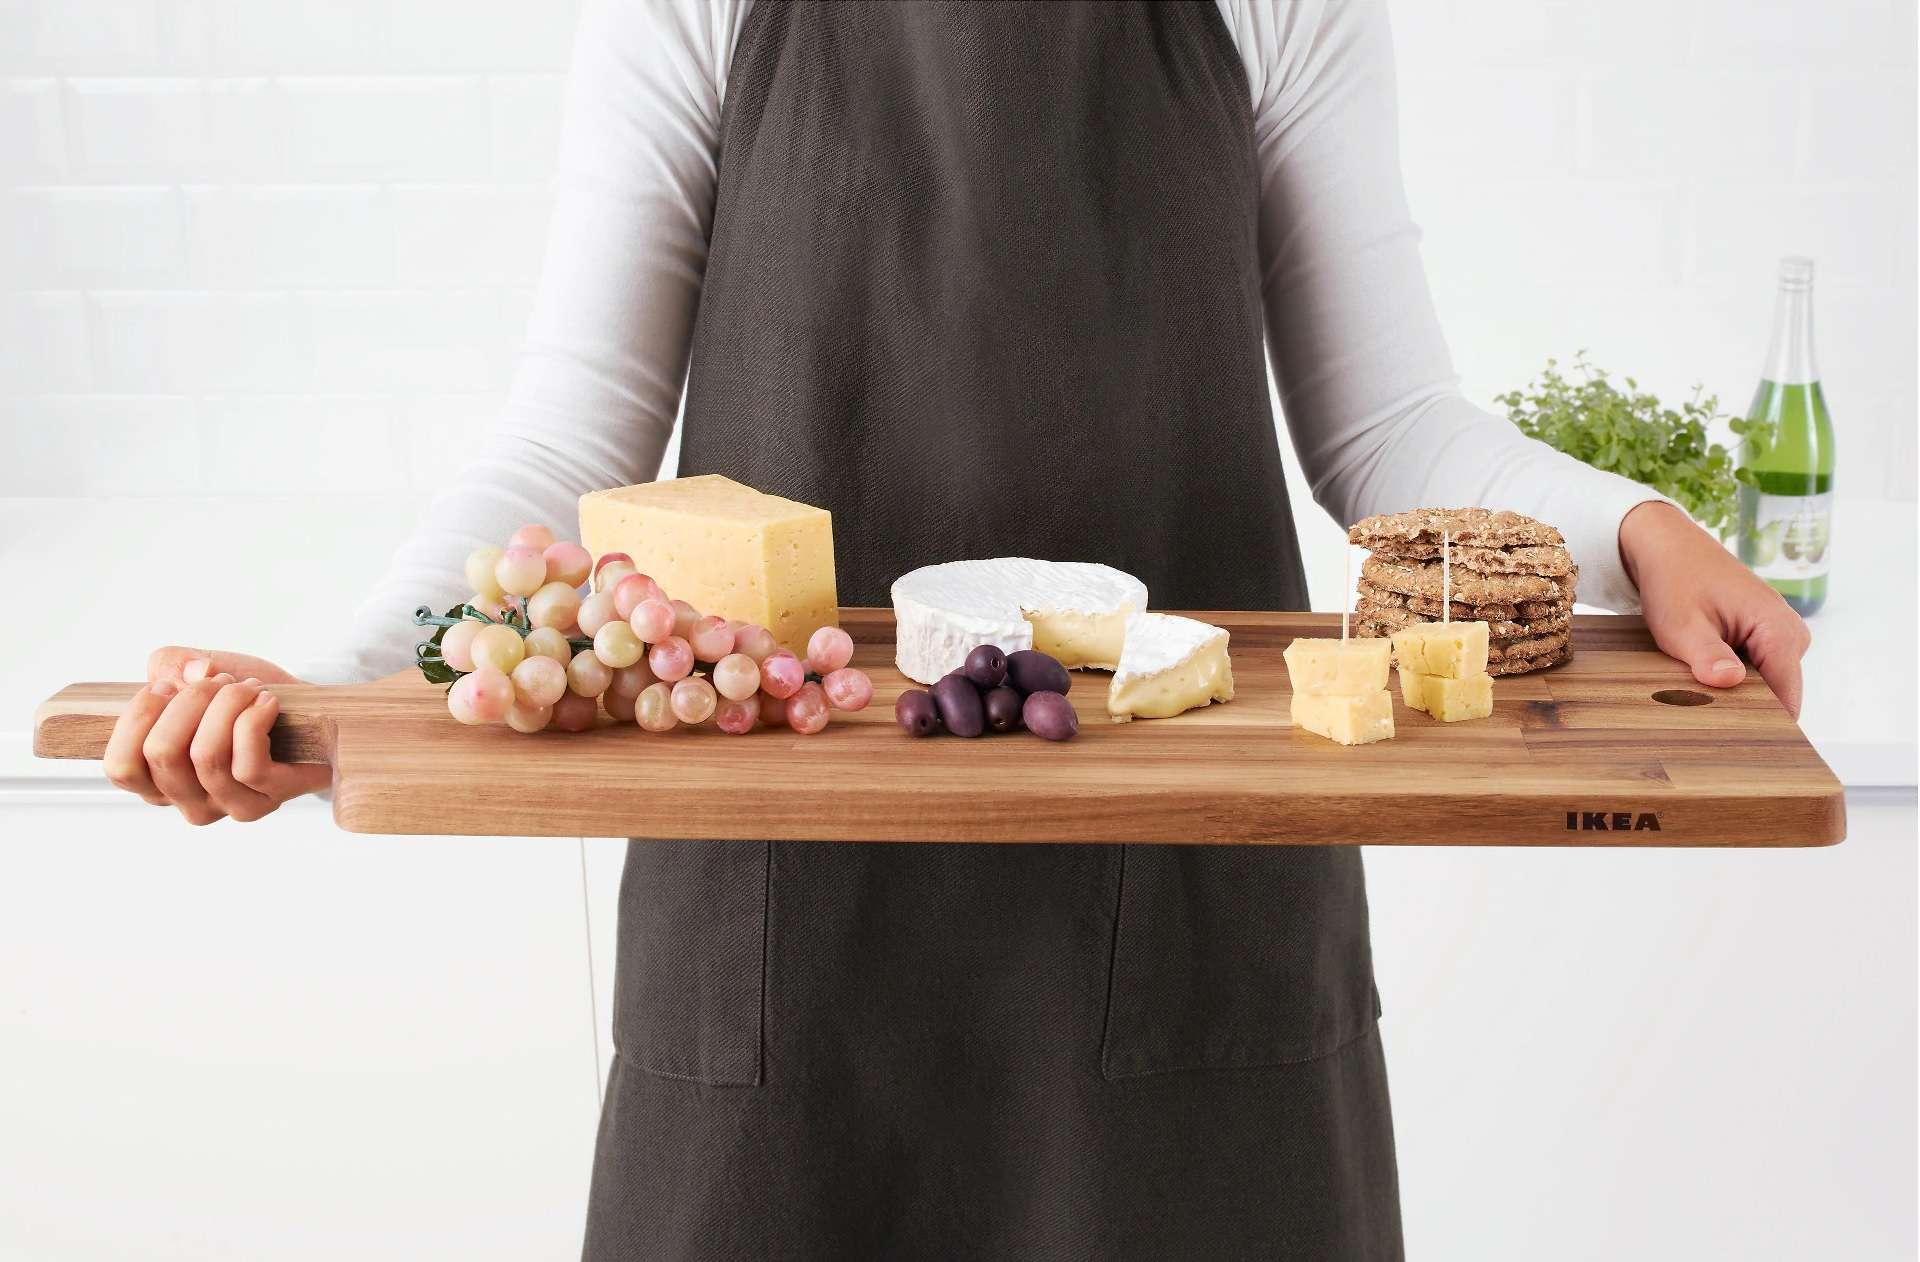 Красивая сервировка: кухонная доска Икея